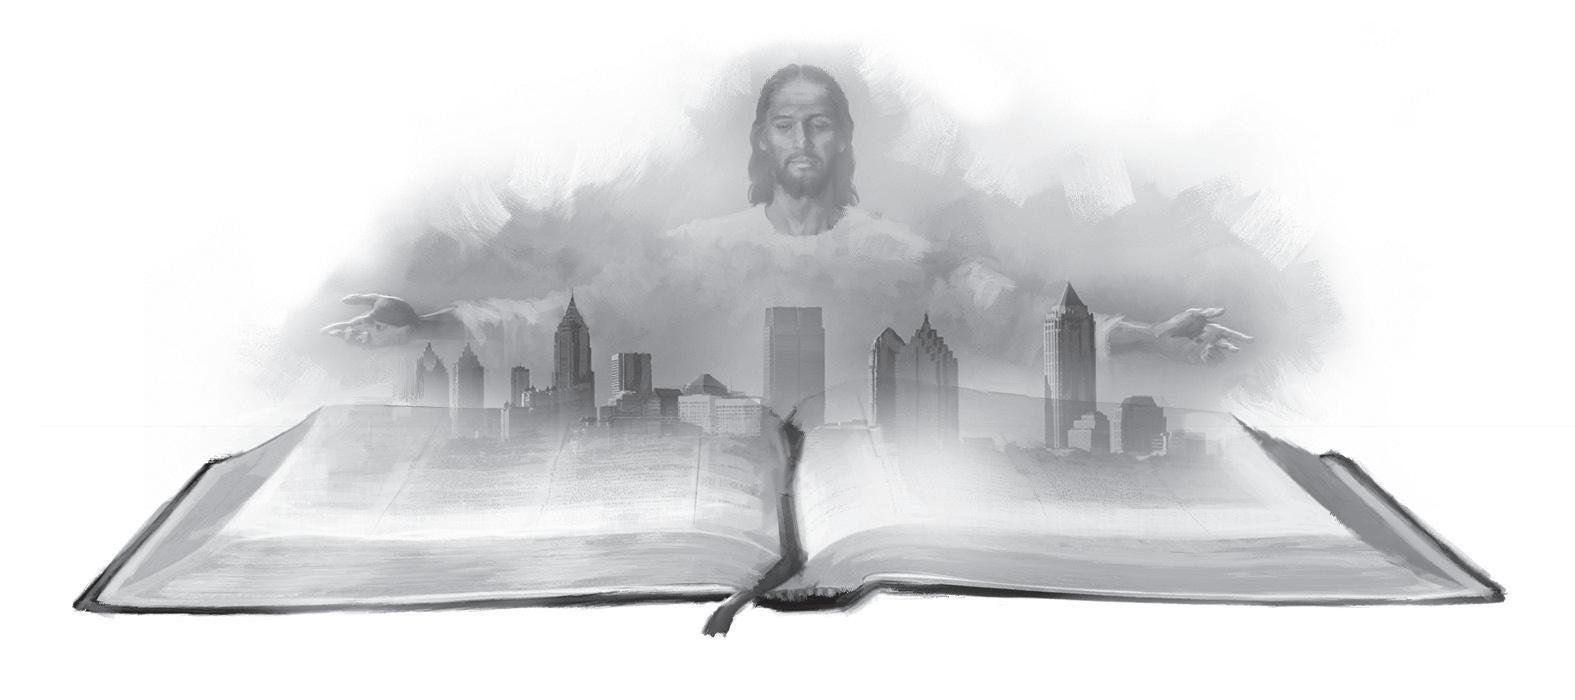 Page 32 of Herrens øyne: Bibelens verdensbilde